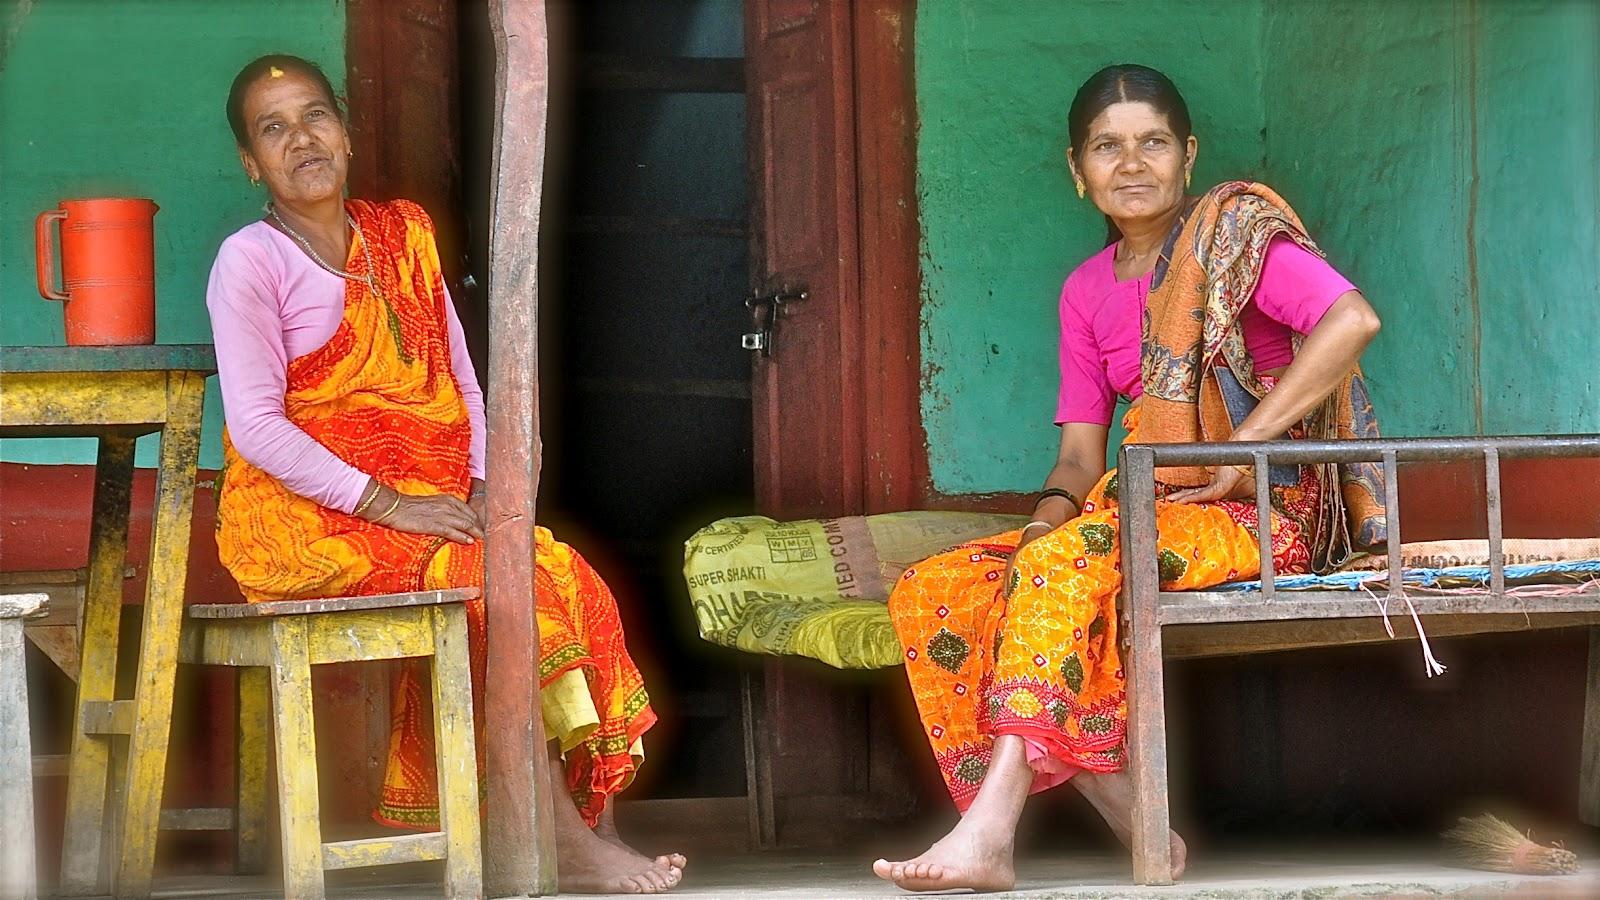 a más al de el en subordinado poco hombre papel mujer aunque detectar lo nuestro de nepalí viaje poco la largo A Nepal pude importante 7FURxzO